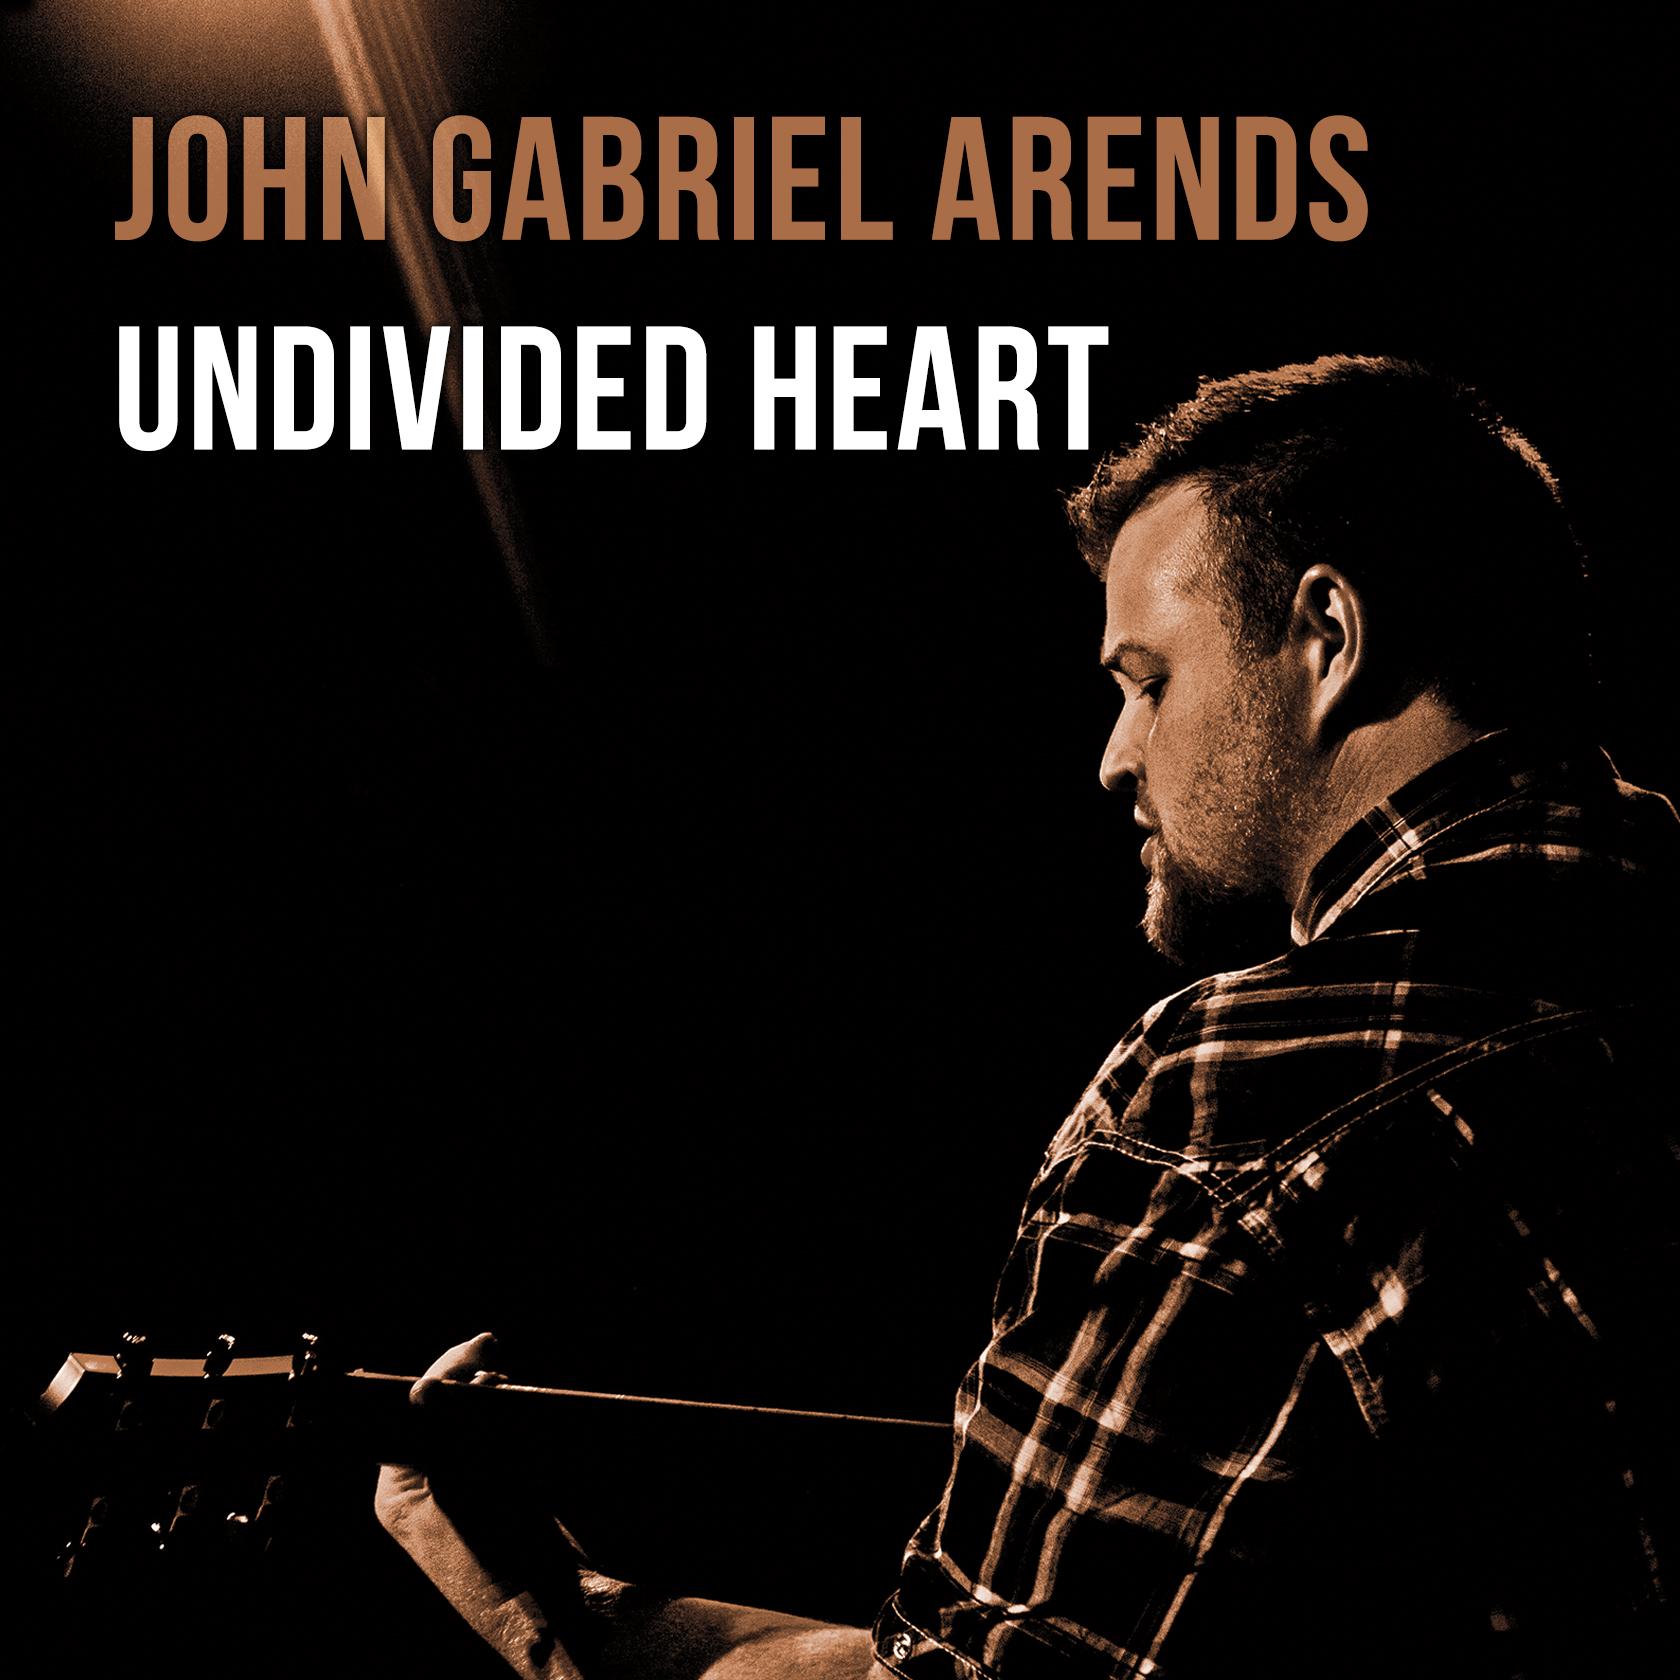 UNDIVIDED HEART - CD - John Gabriel Arends